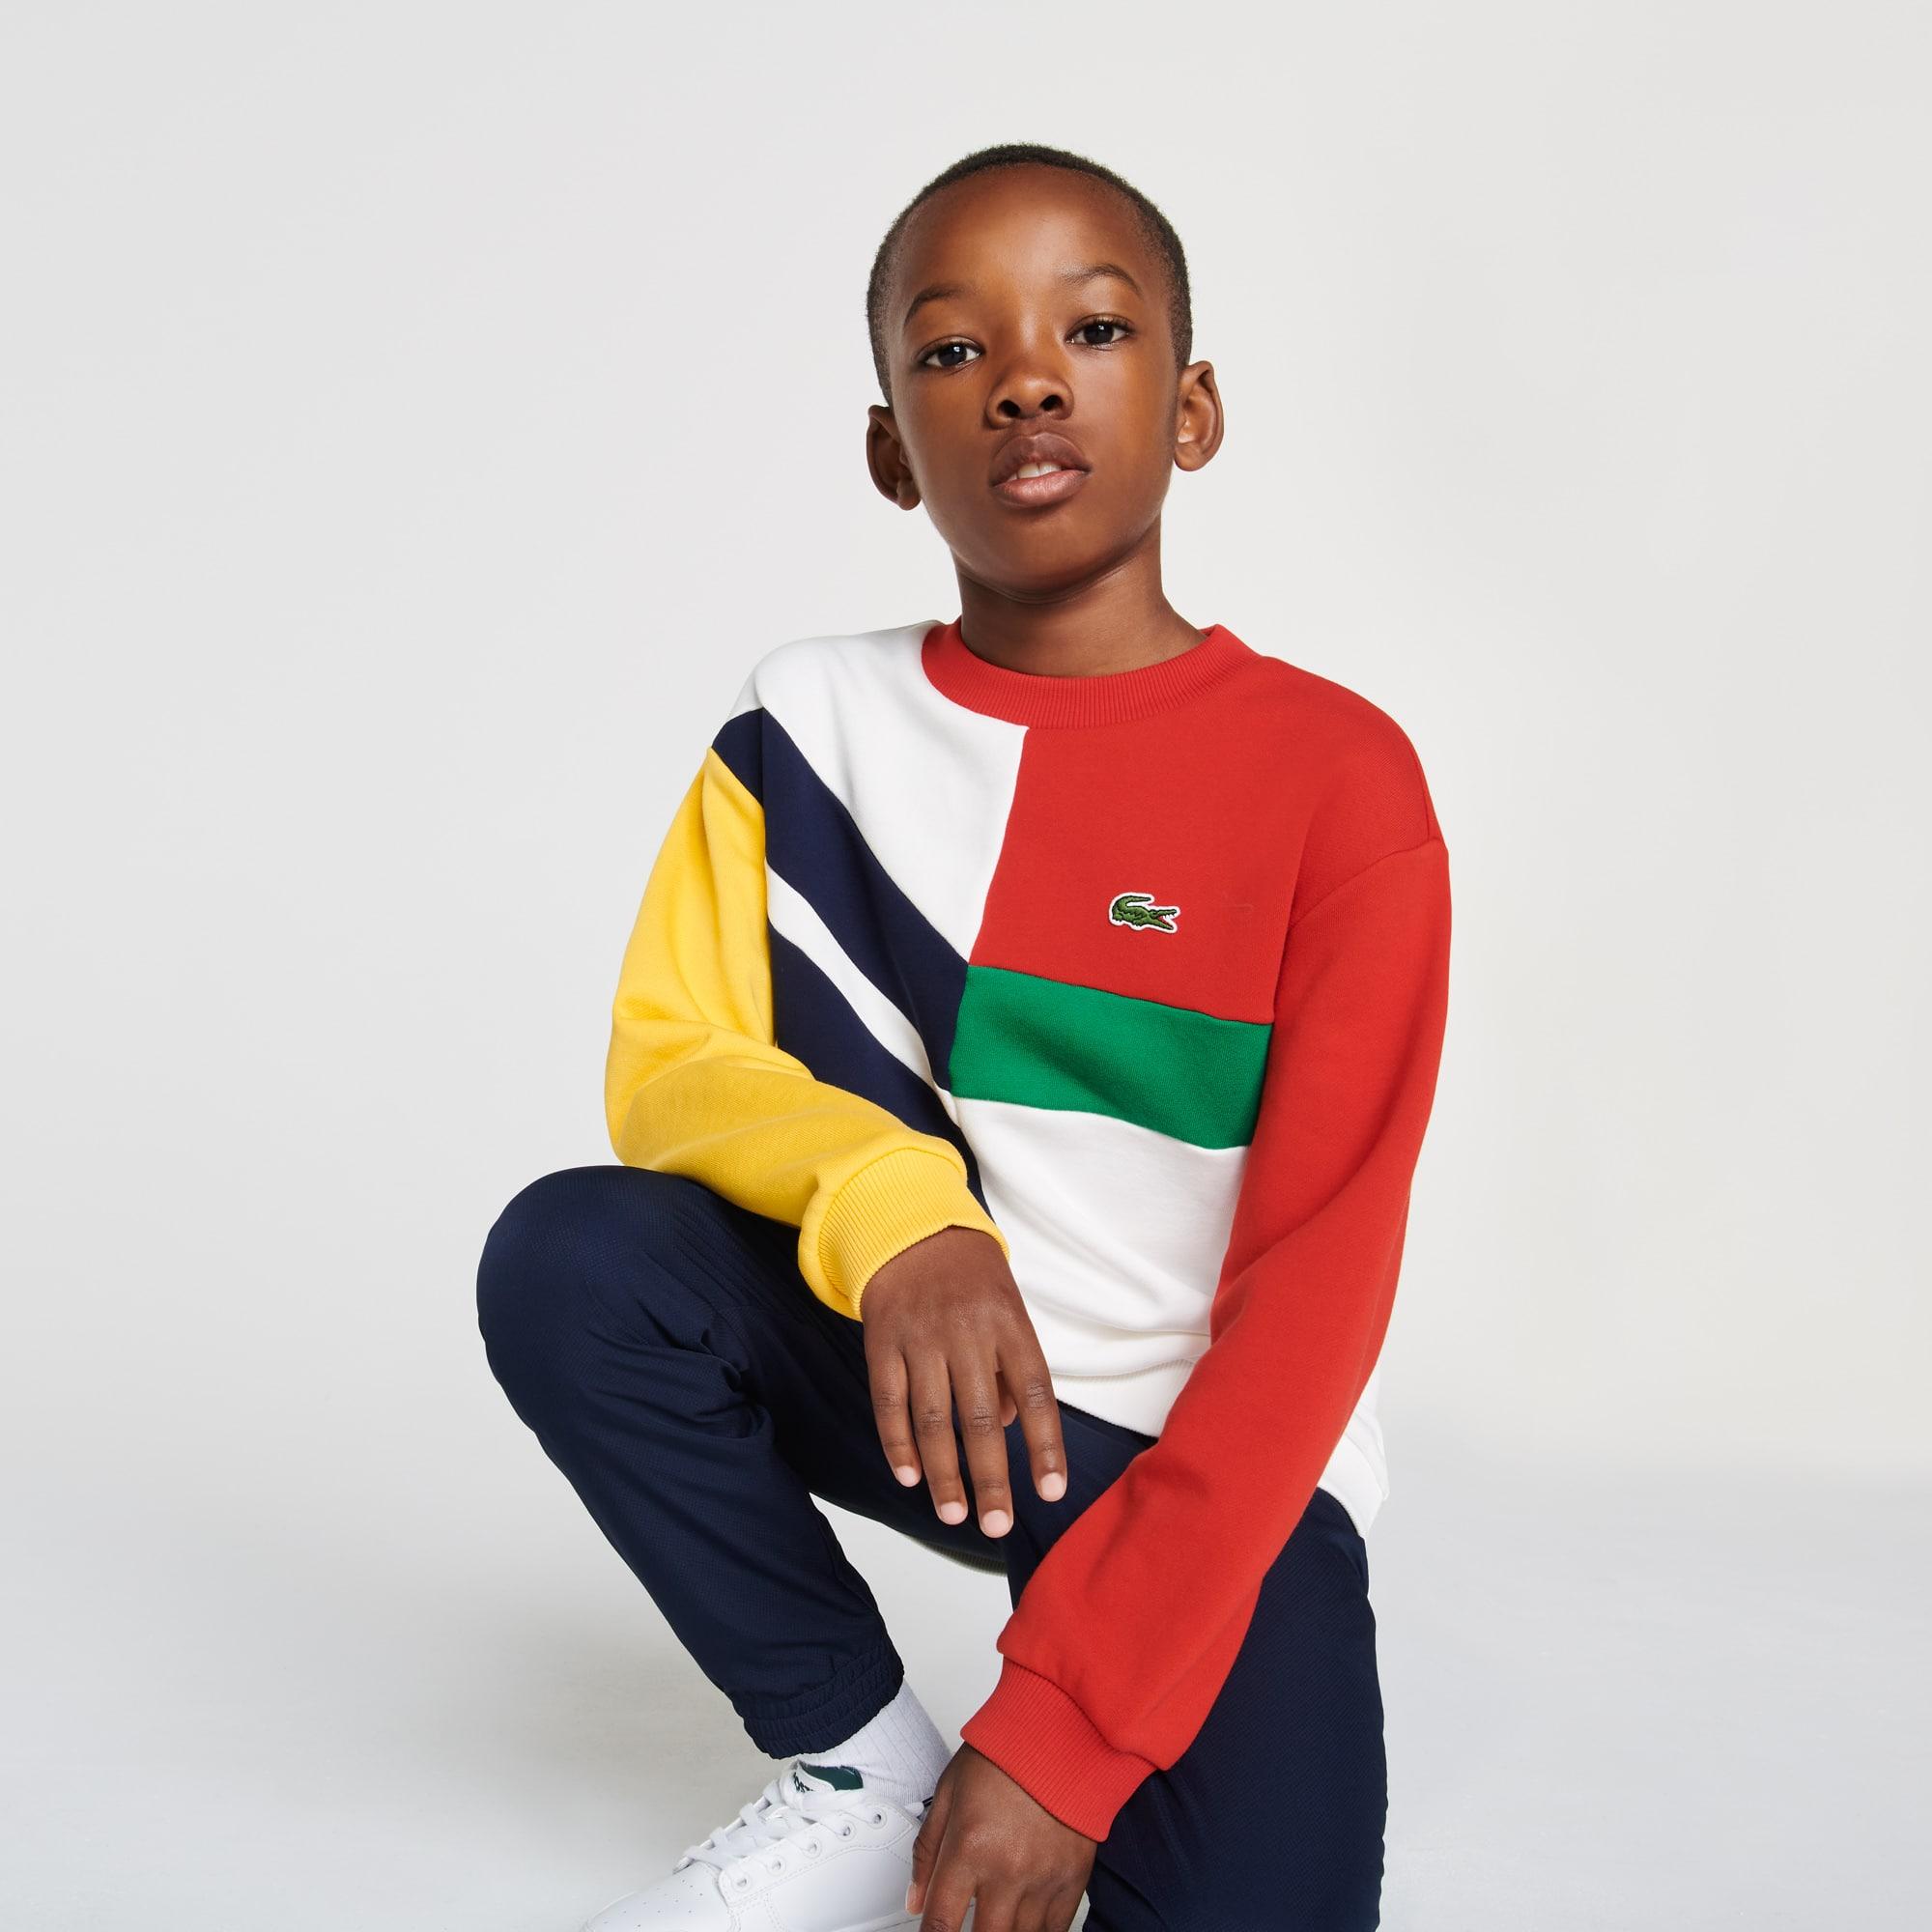 Lacoste Sweatshirt Garçon graphique en molleton de coton Taille 2 ans Blanc / Rouge / Vert / Bleu Ma